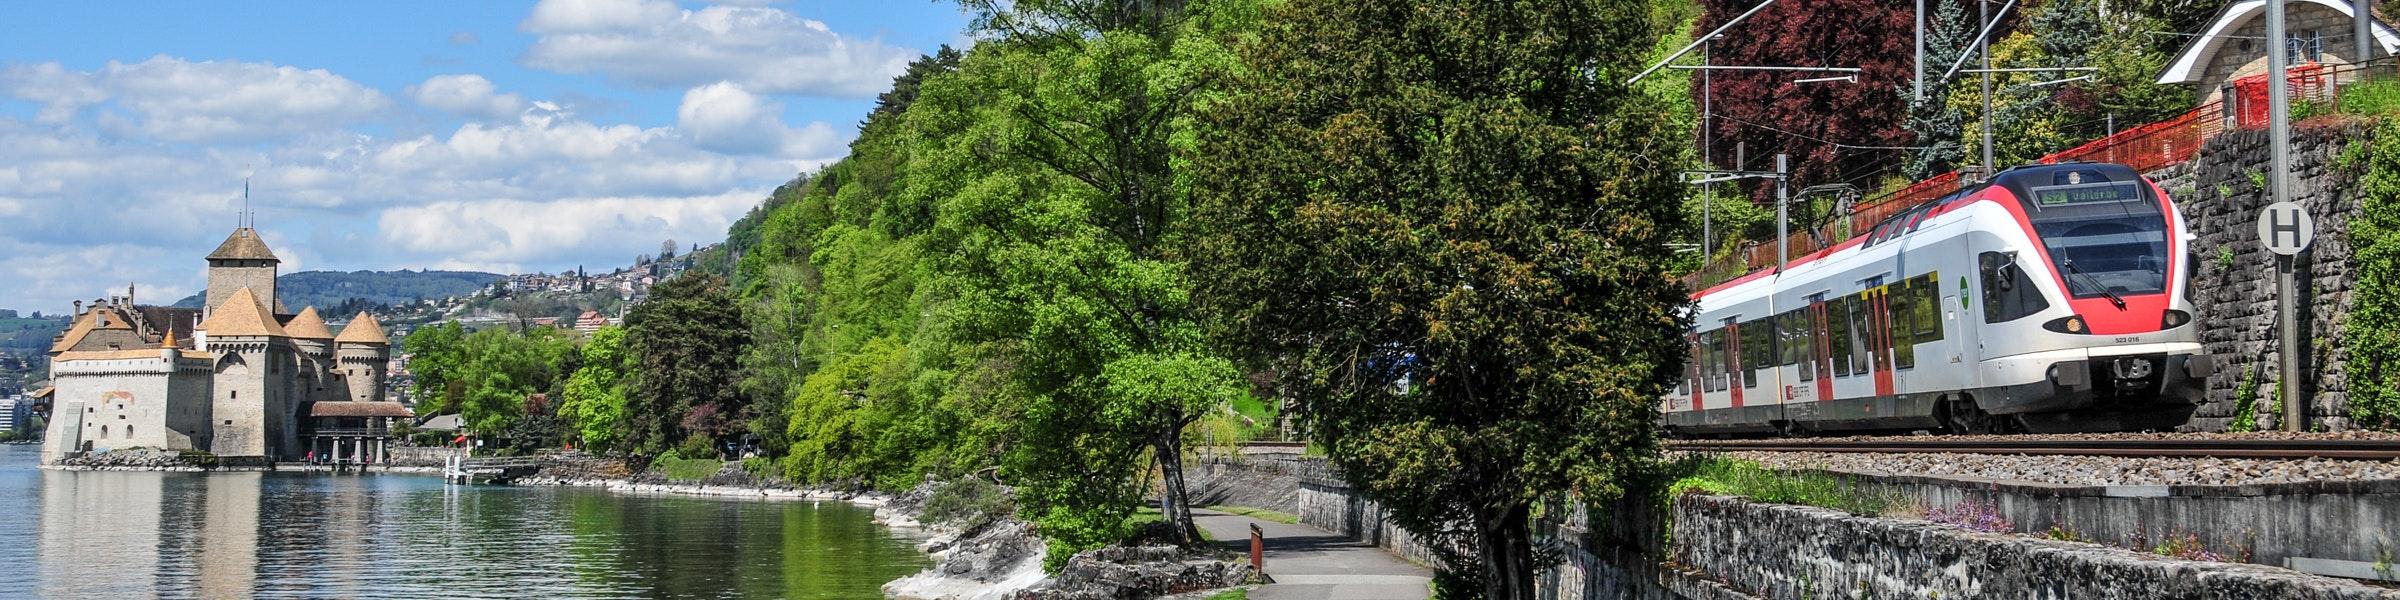 Train near Chillon Castle